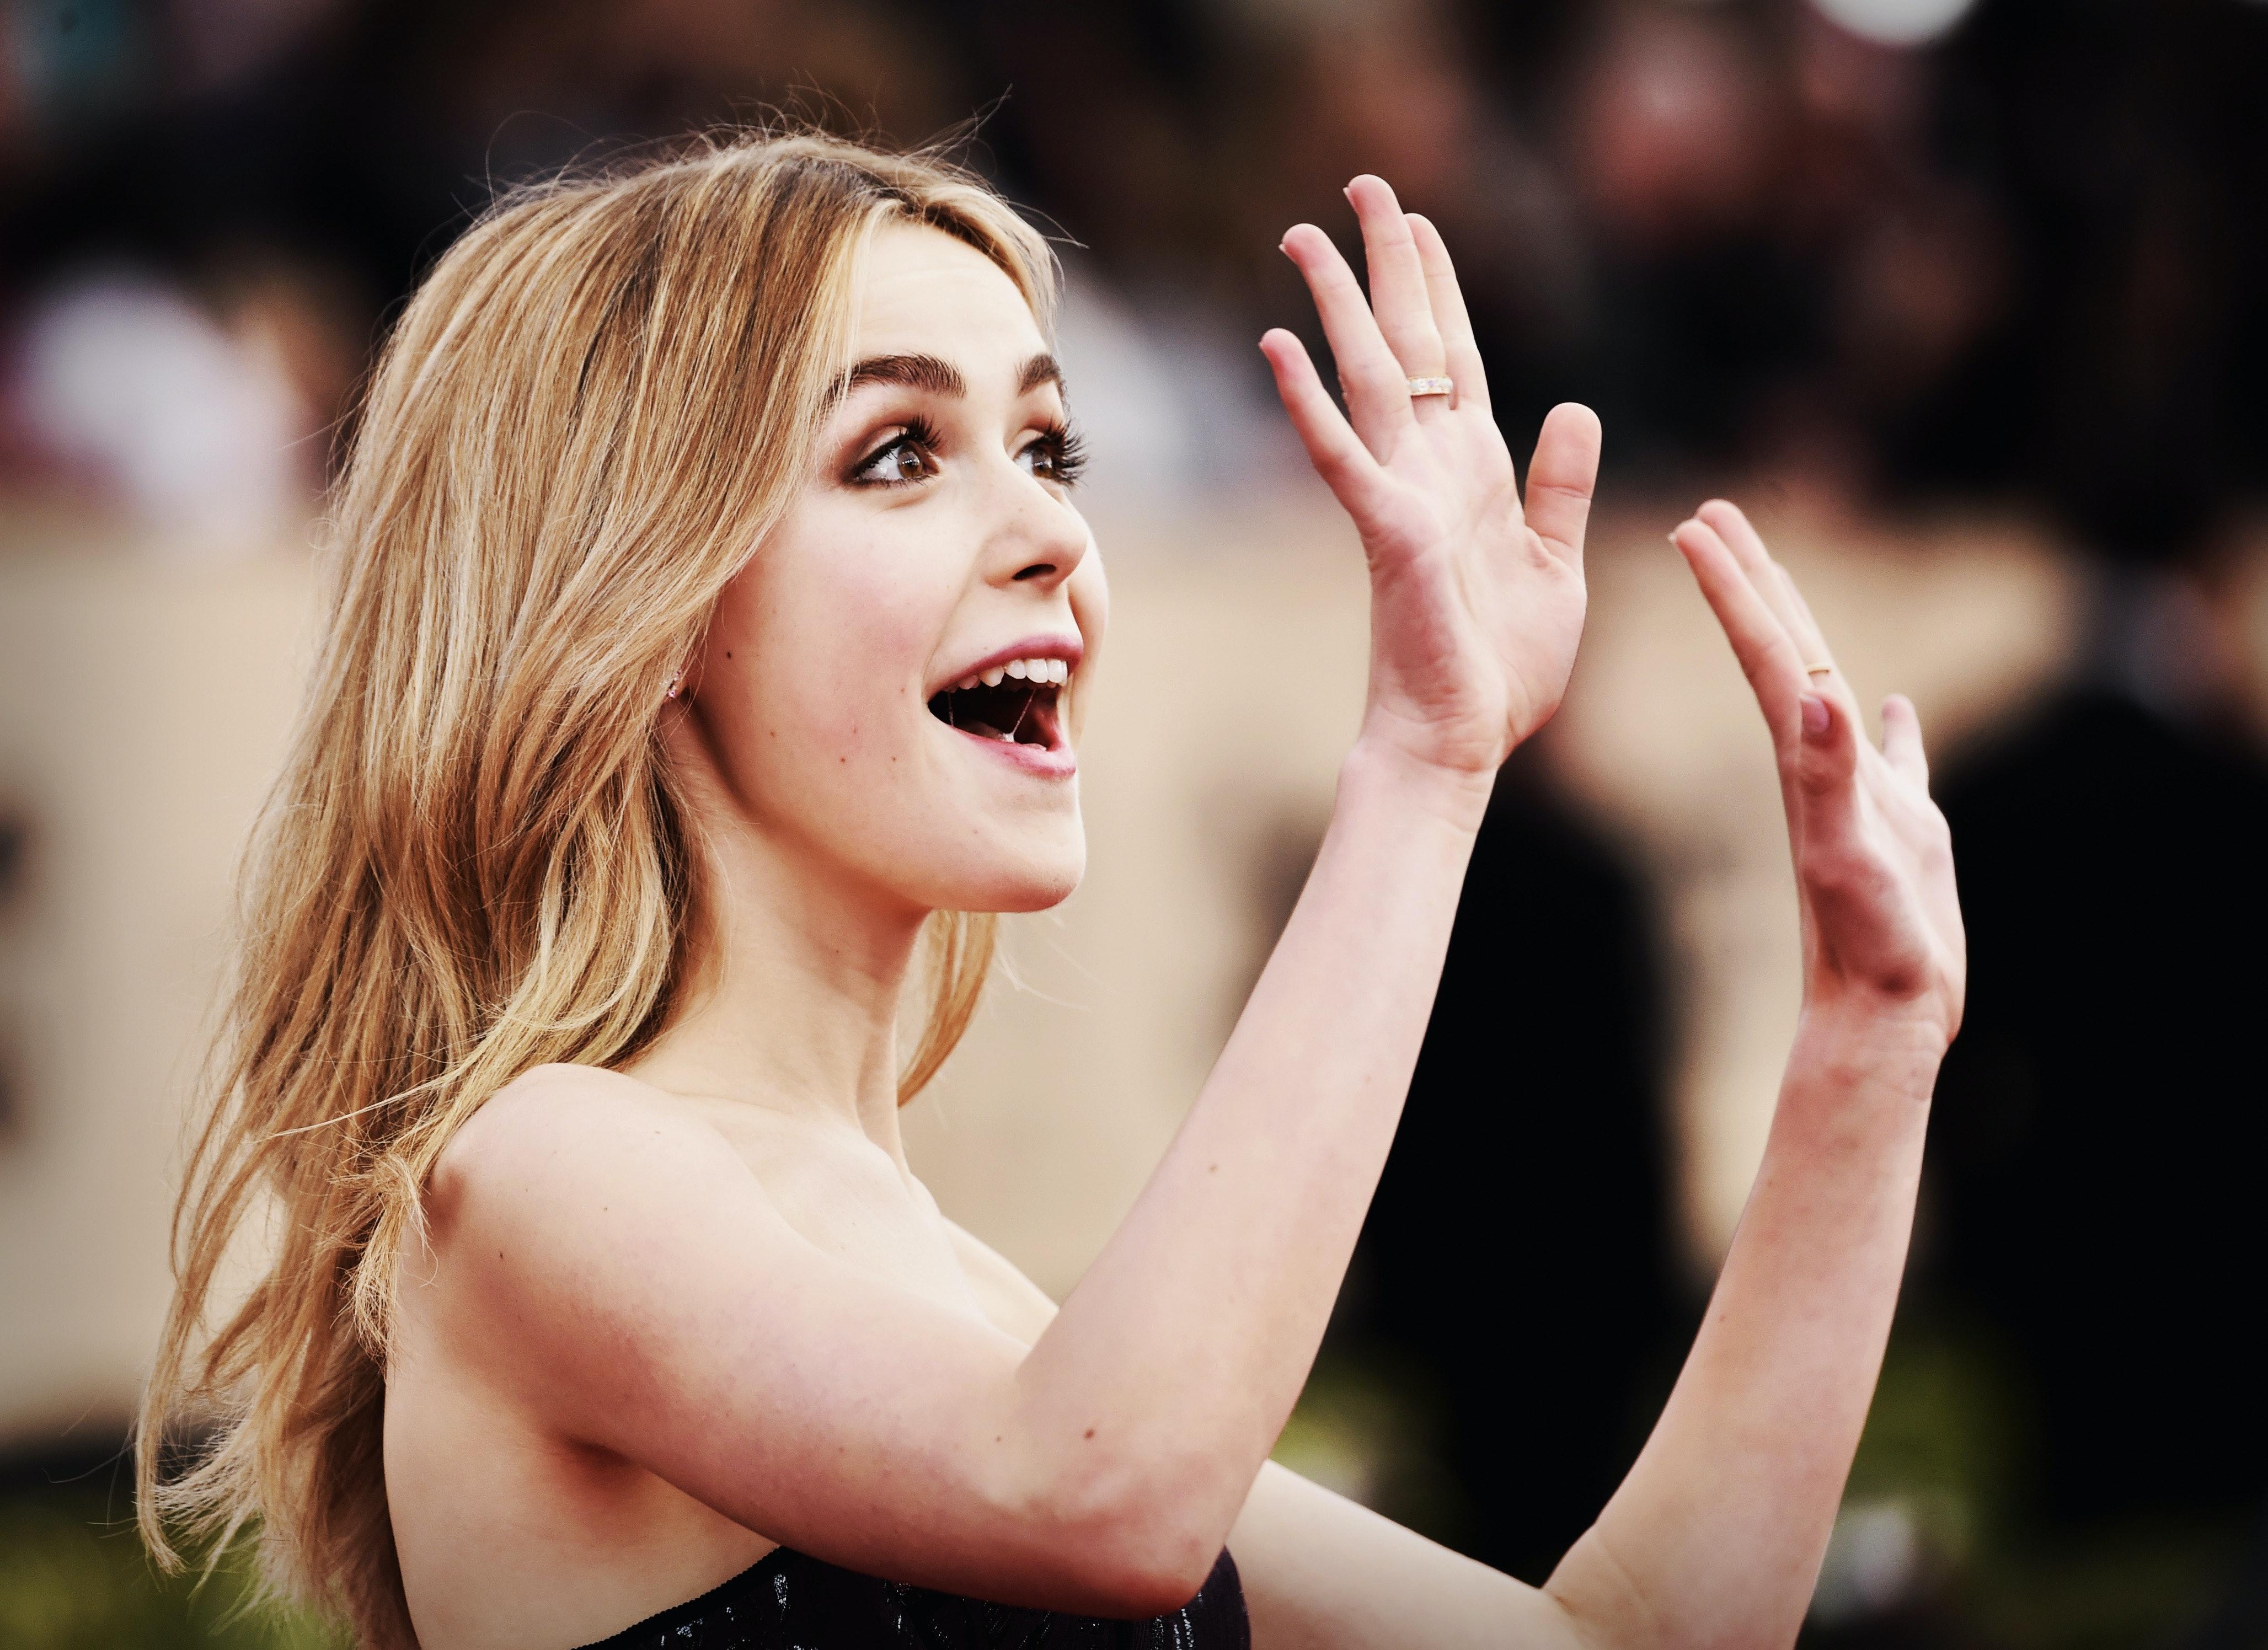 Watch Sabrina (actress) video